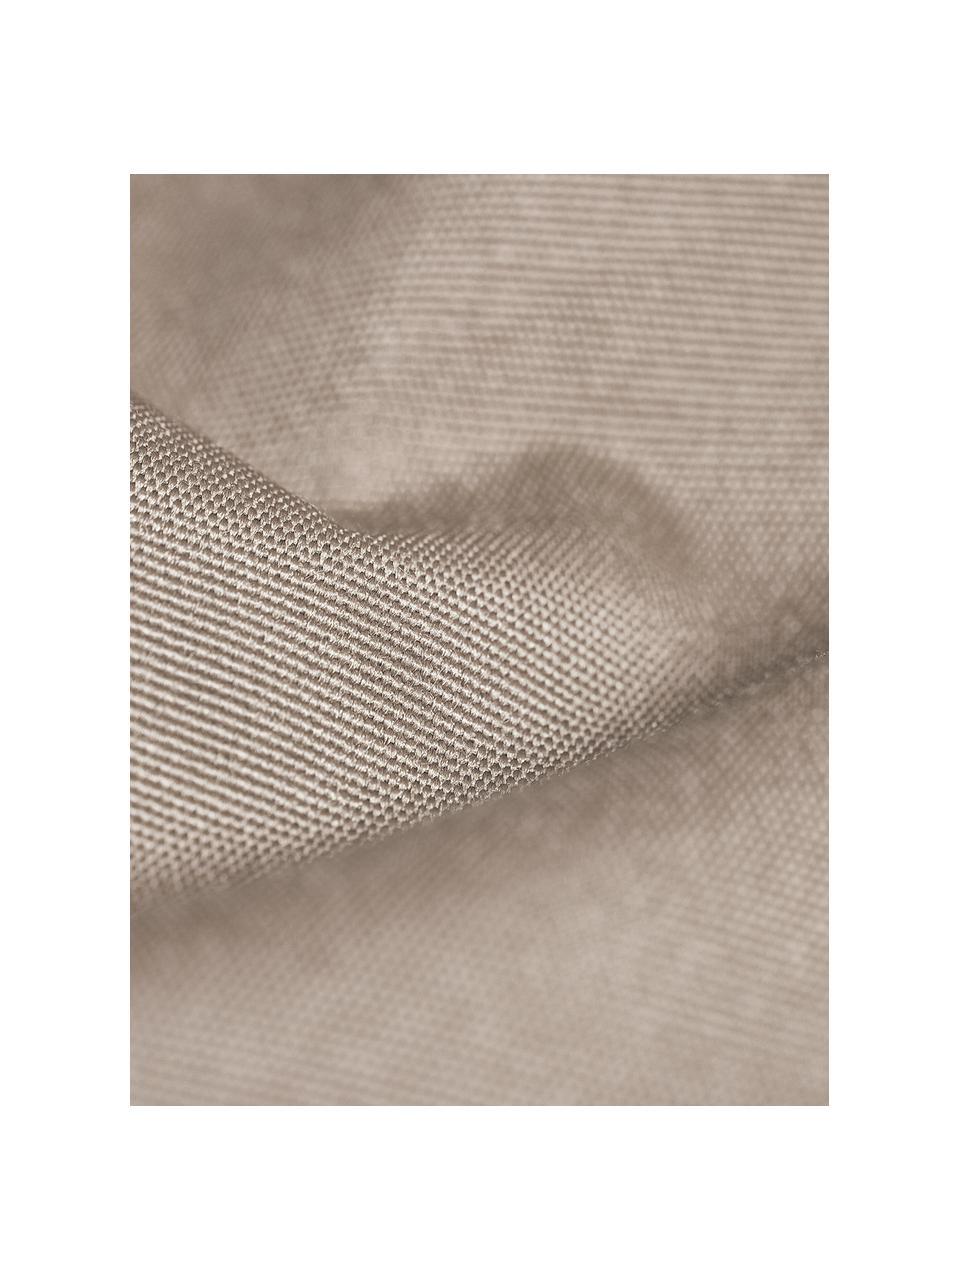 Worek do leżenia ogrodowy Wave, Tapicerka: poliester powlekany poliu, Szary, S 70 x G 125 cm